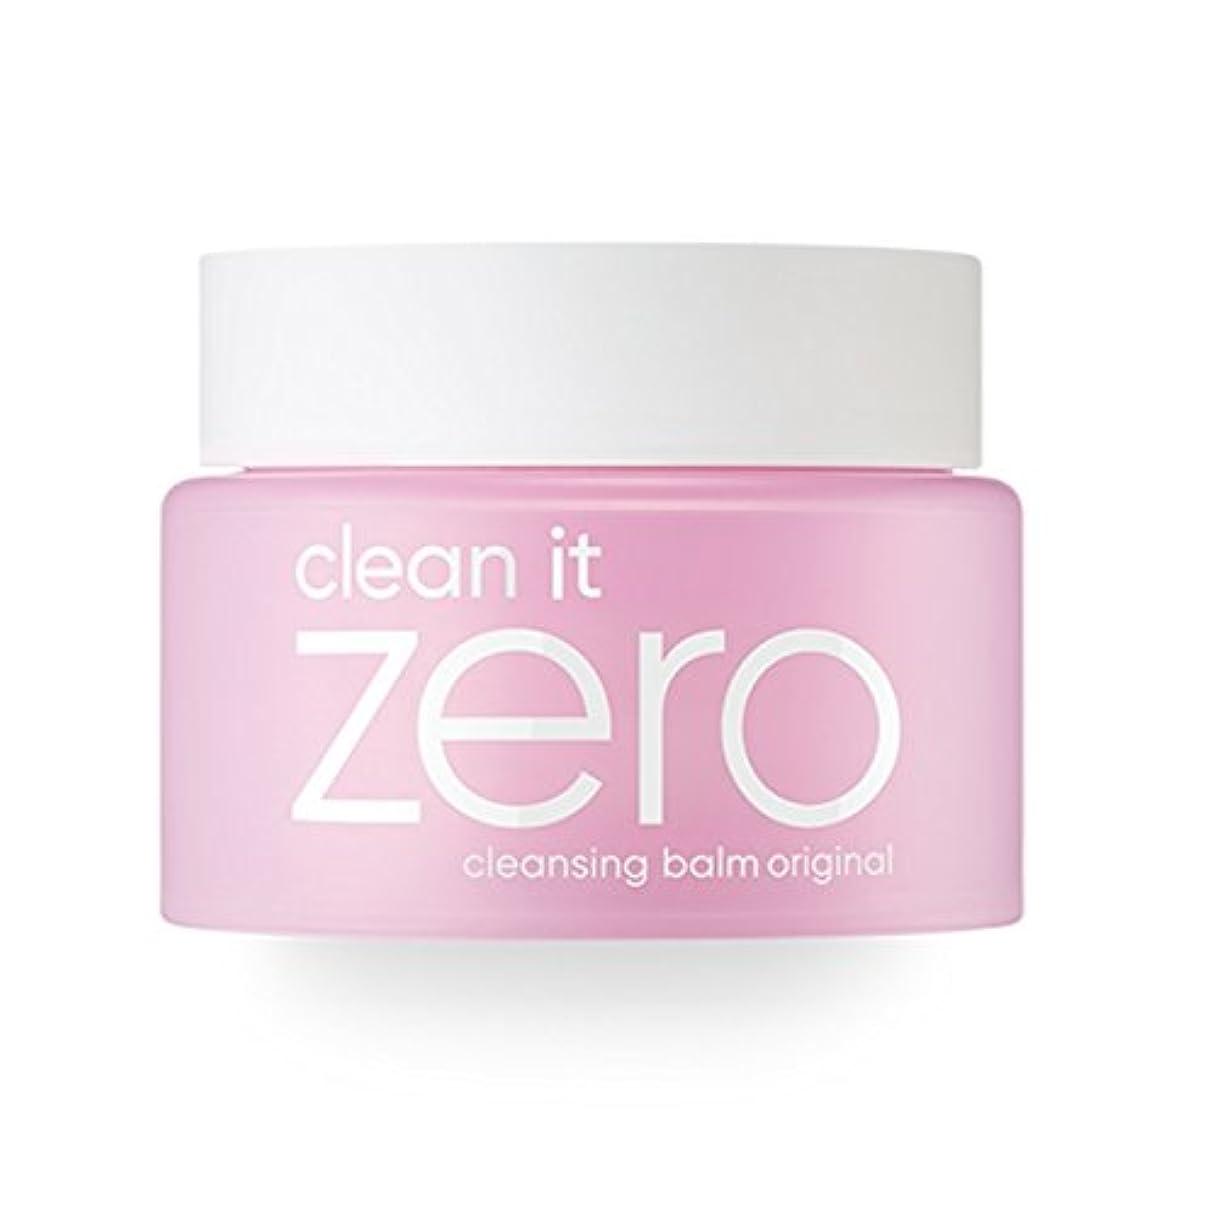 メロン貫入鎖Banila.co クリーン イット ゼロ クレンジングバーム オリジナル / Clean it Zero Cleansing Balm Original (100ml)